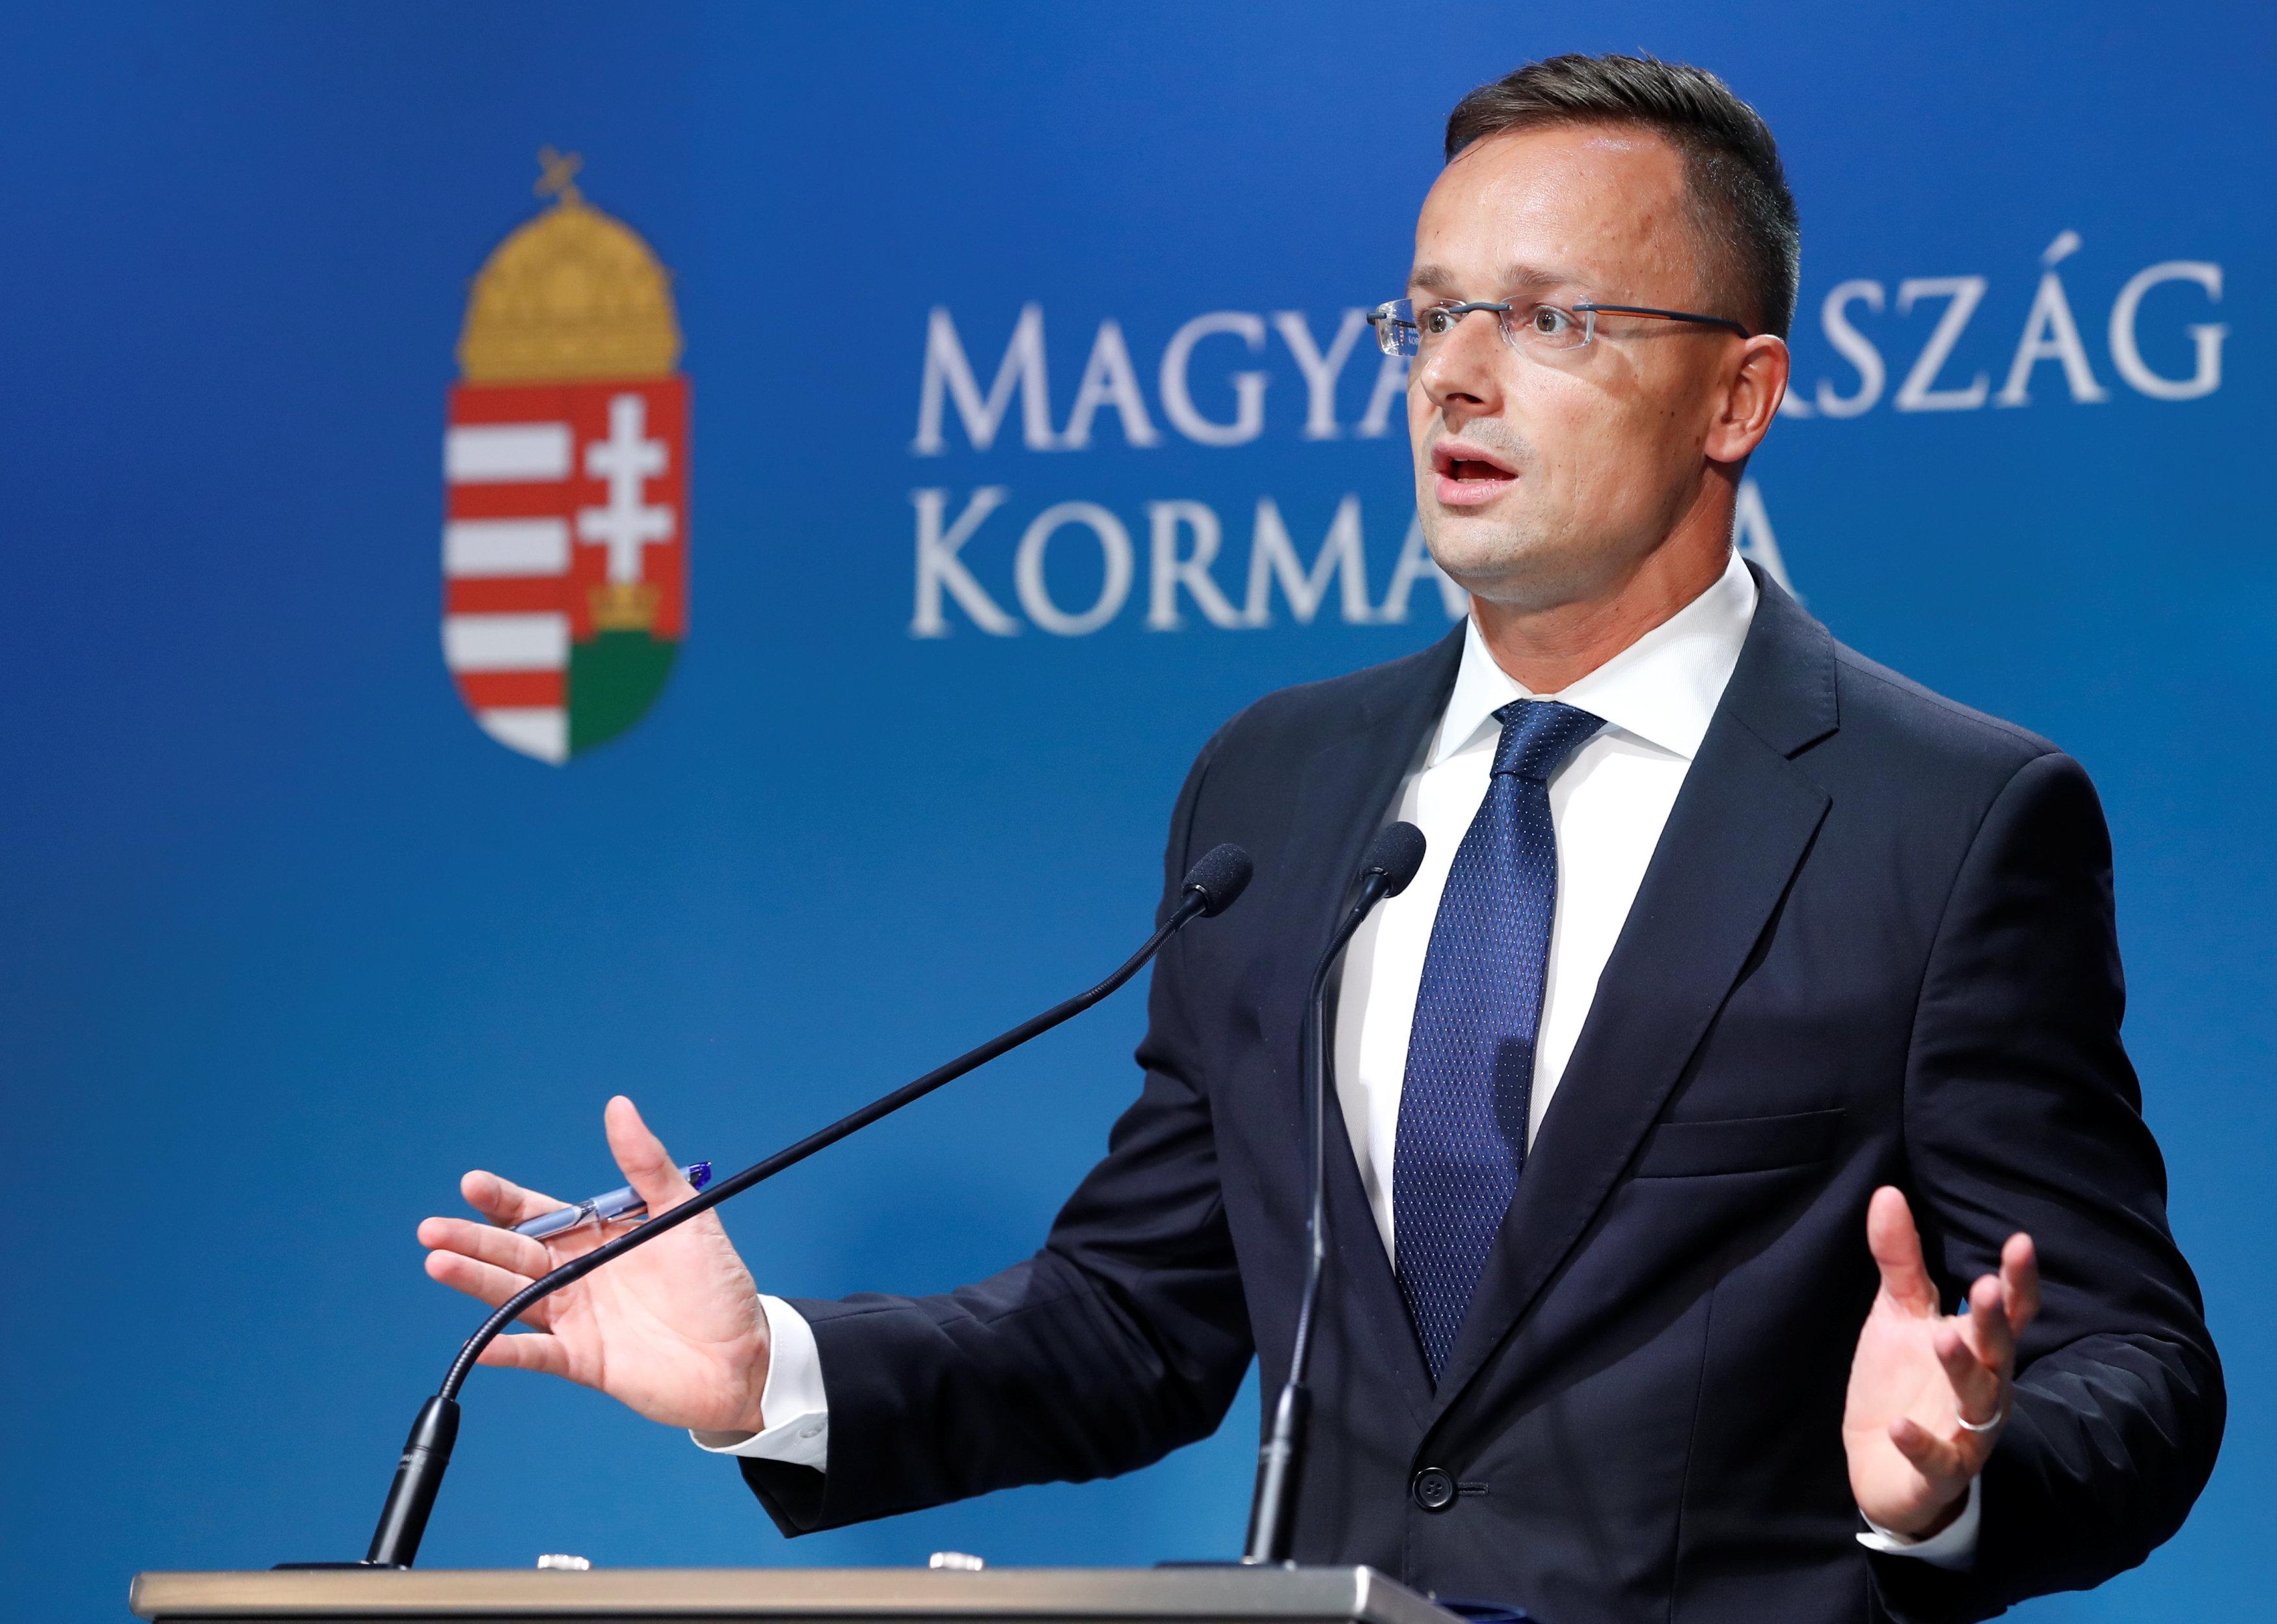 2018 09 12T121216Z 20428278 RC18E48FDE00 RTRMADP 3 EU HUNGARY copy